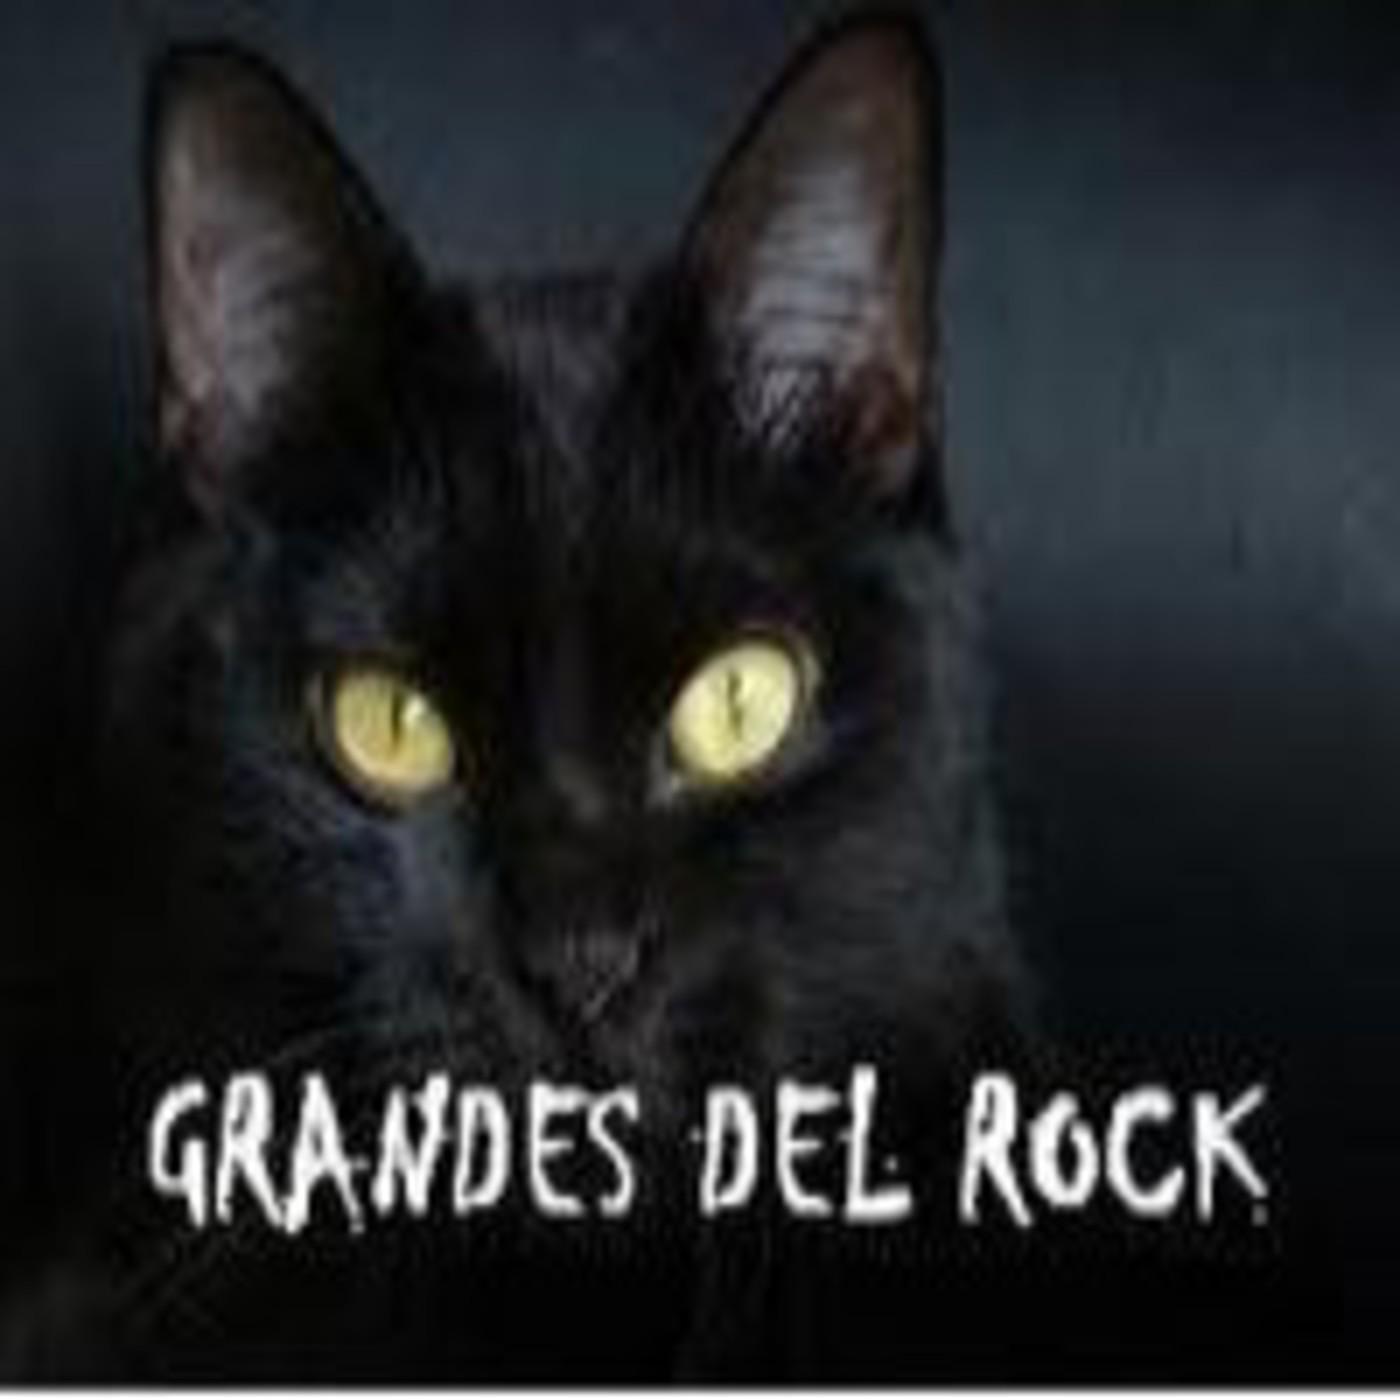 GRANDES DEL ROCK